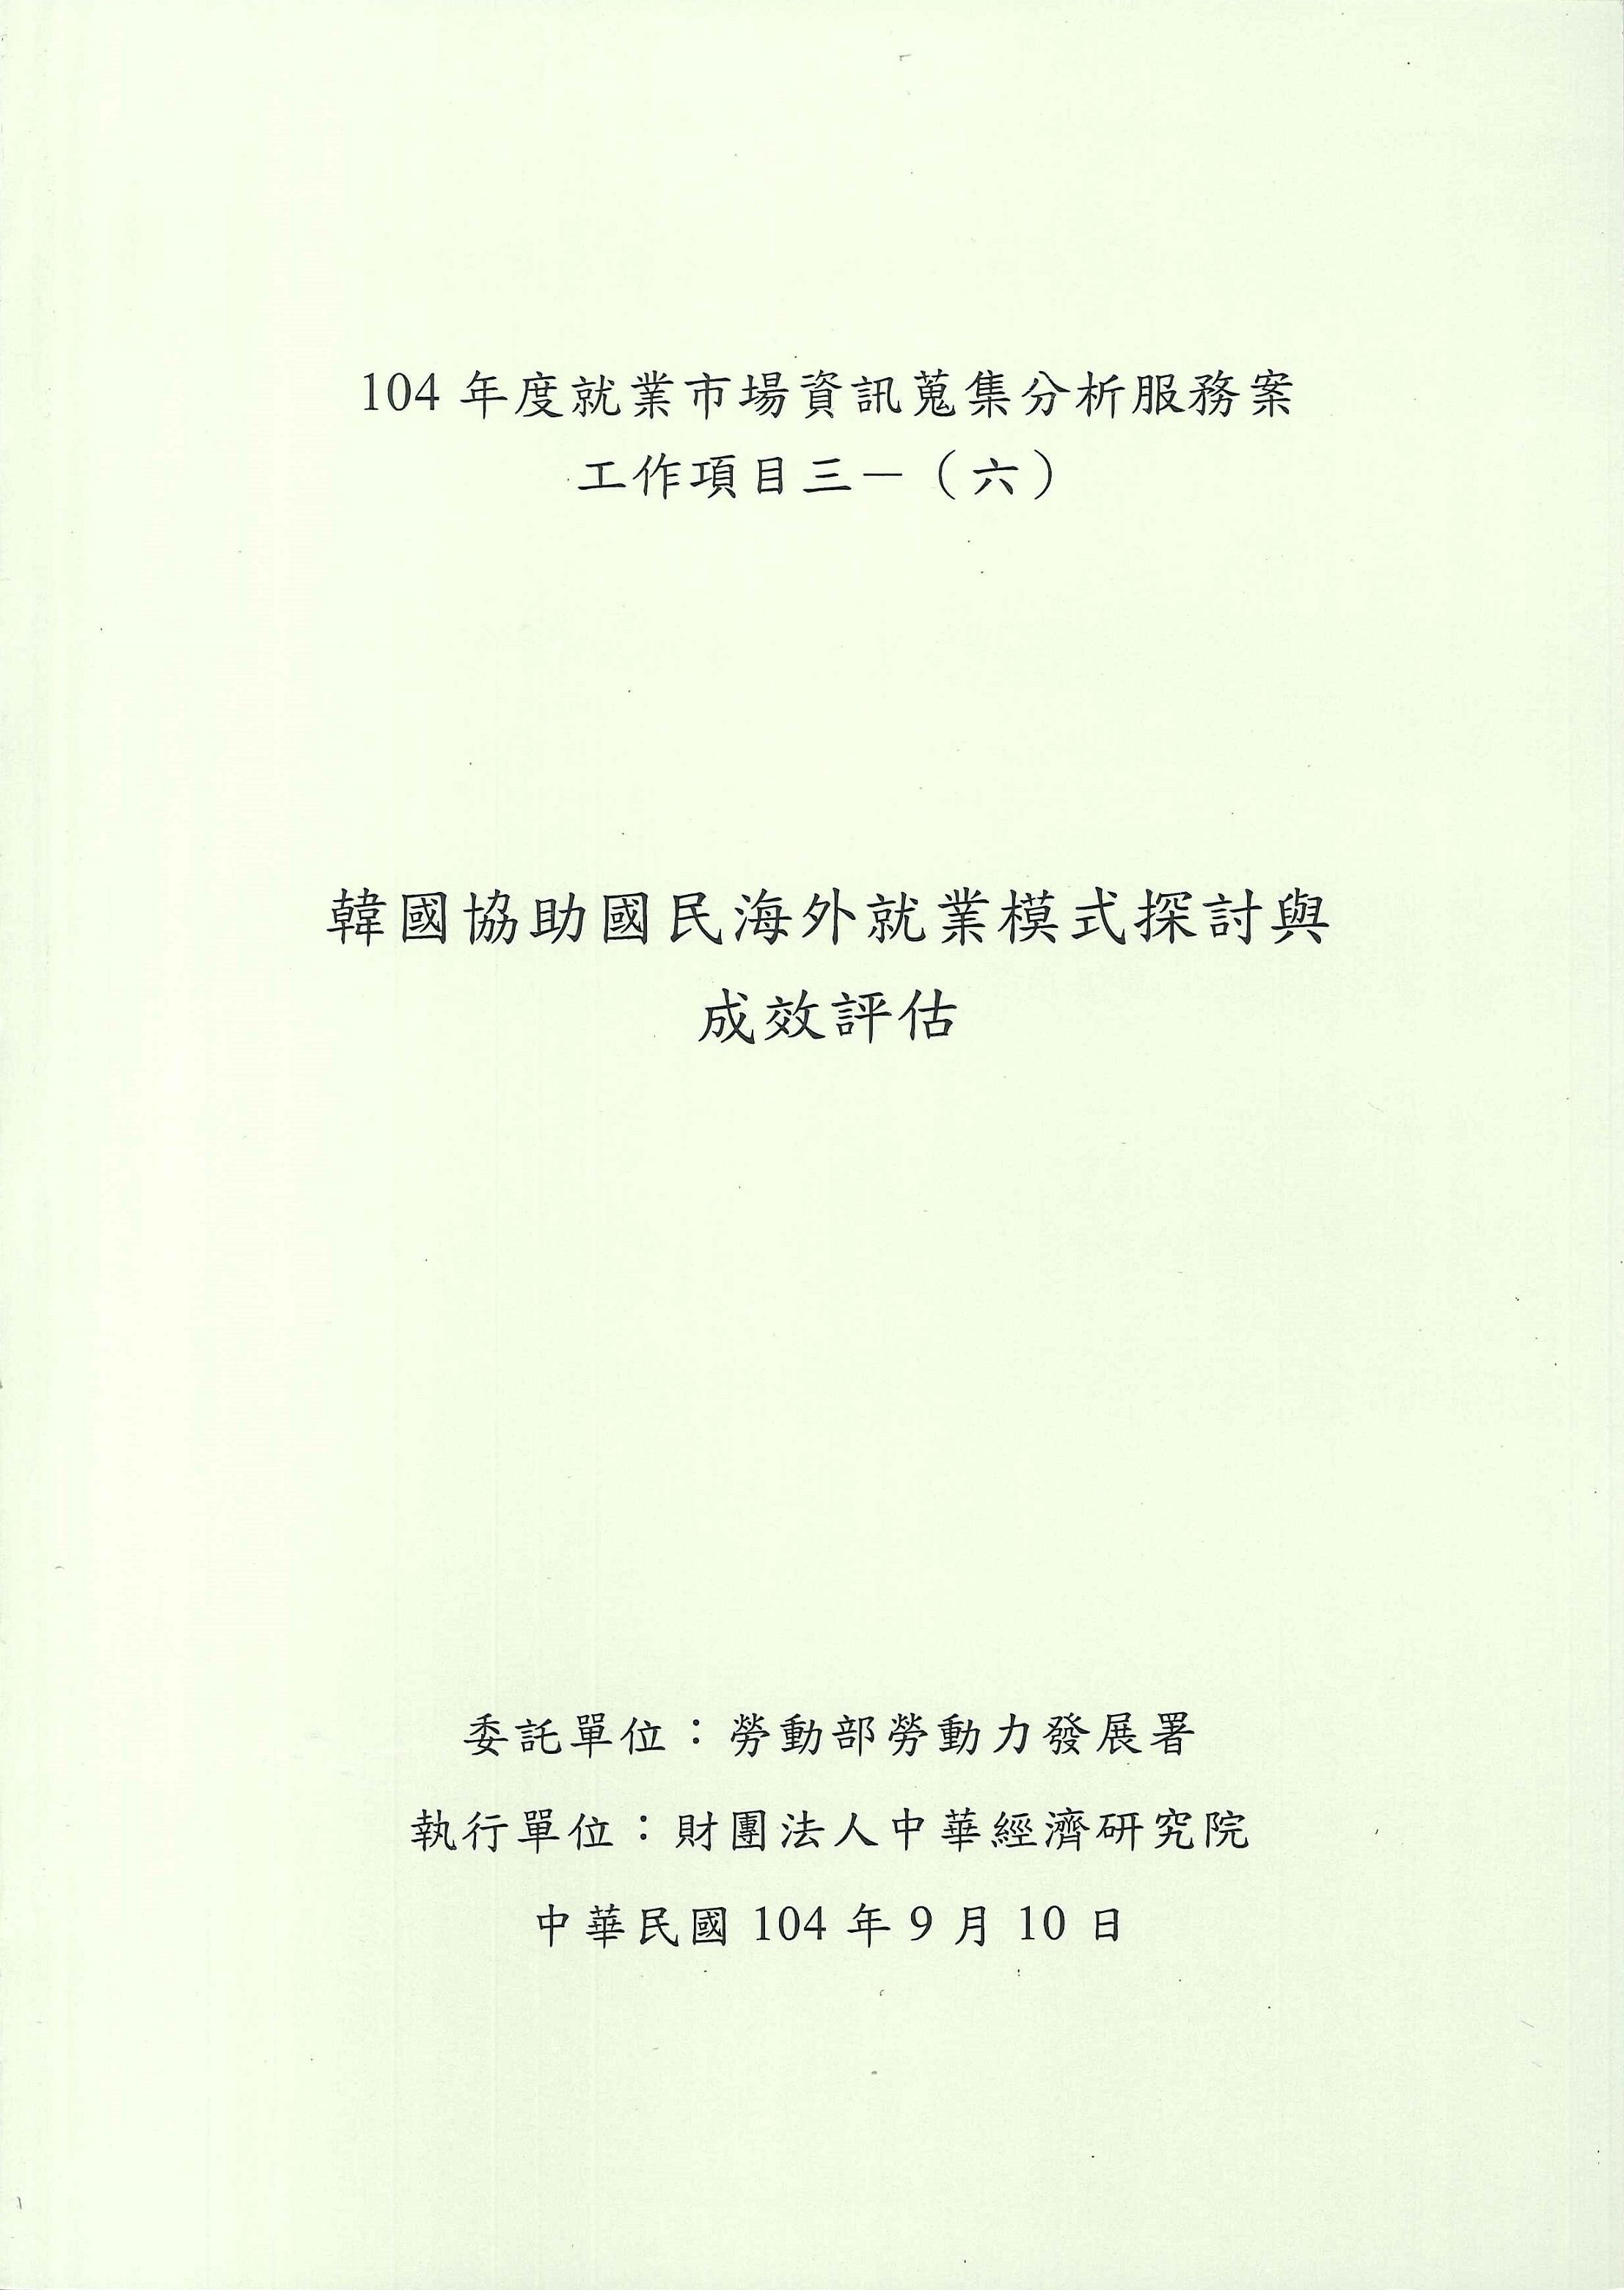 韓國協助國民海外就業模式探討與成效評估